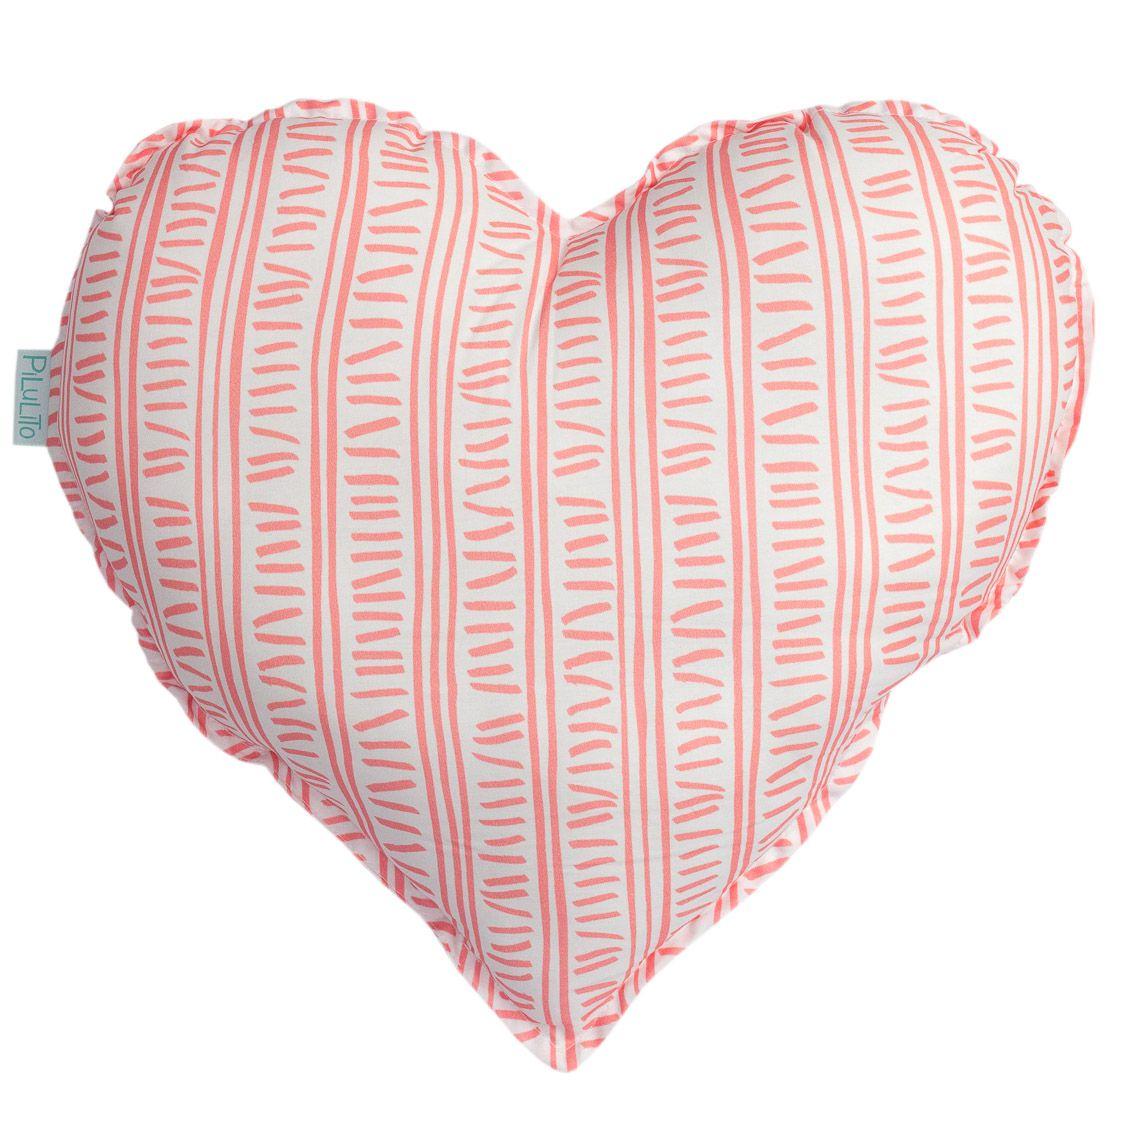 Almofada coração trilha rosa